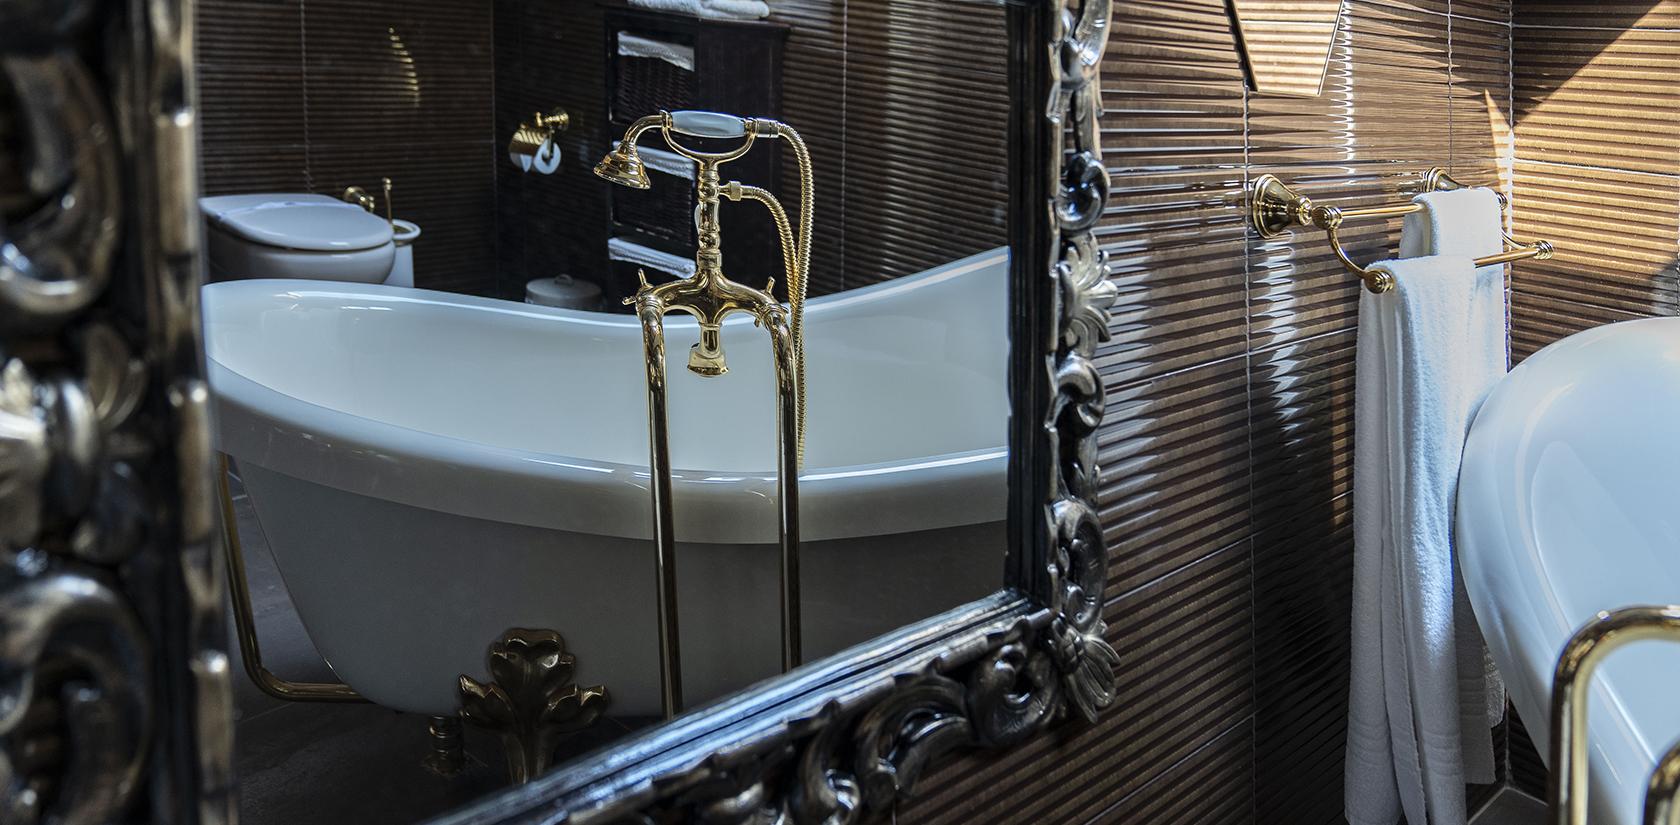 Habitación Malveiras, detalle del baño, bañera exenta